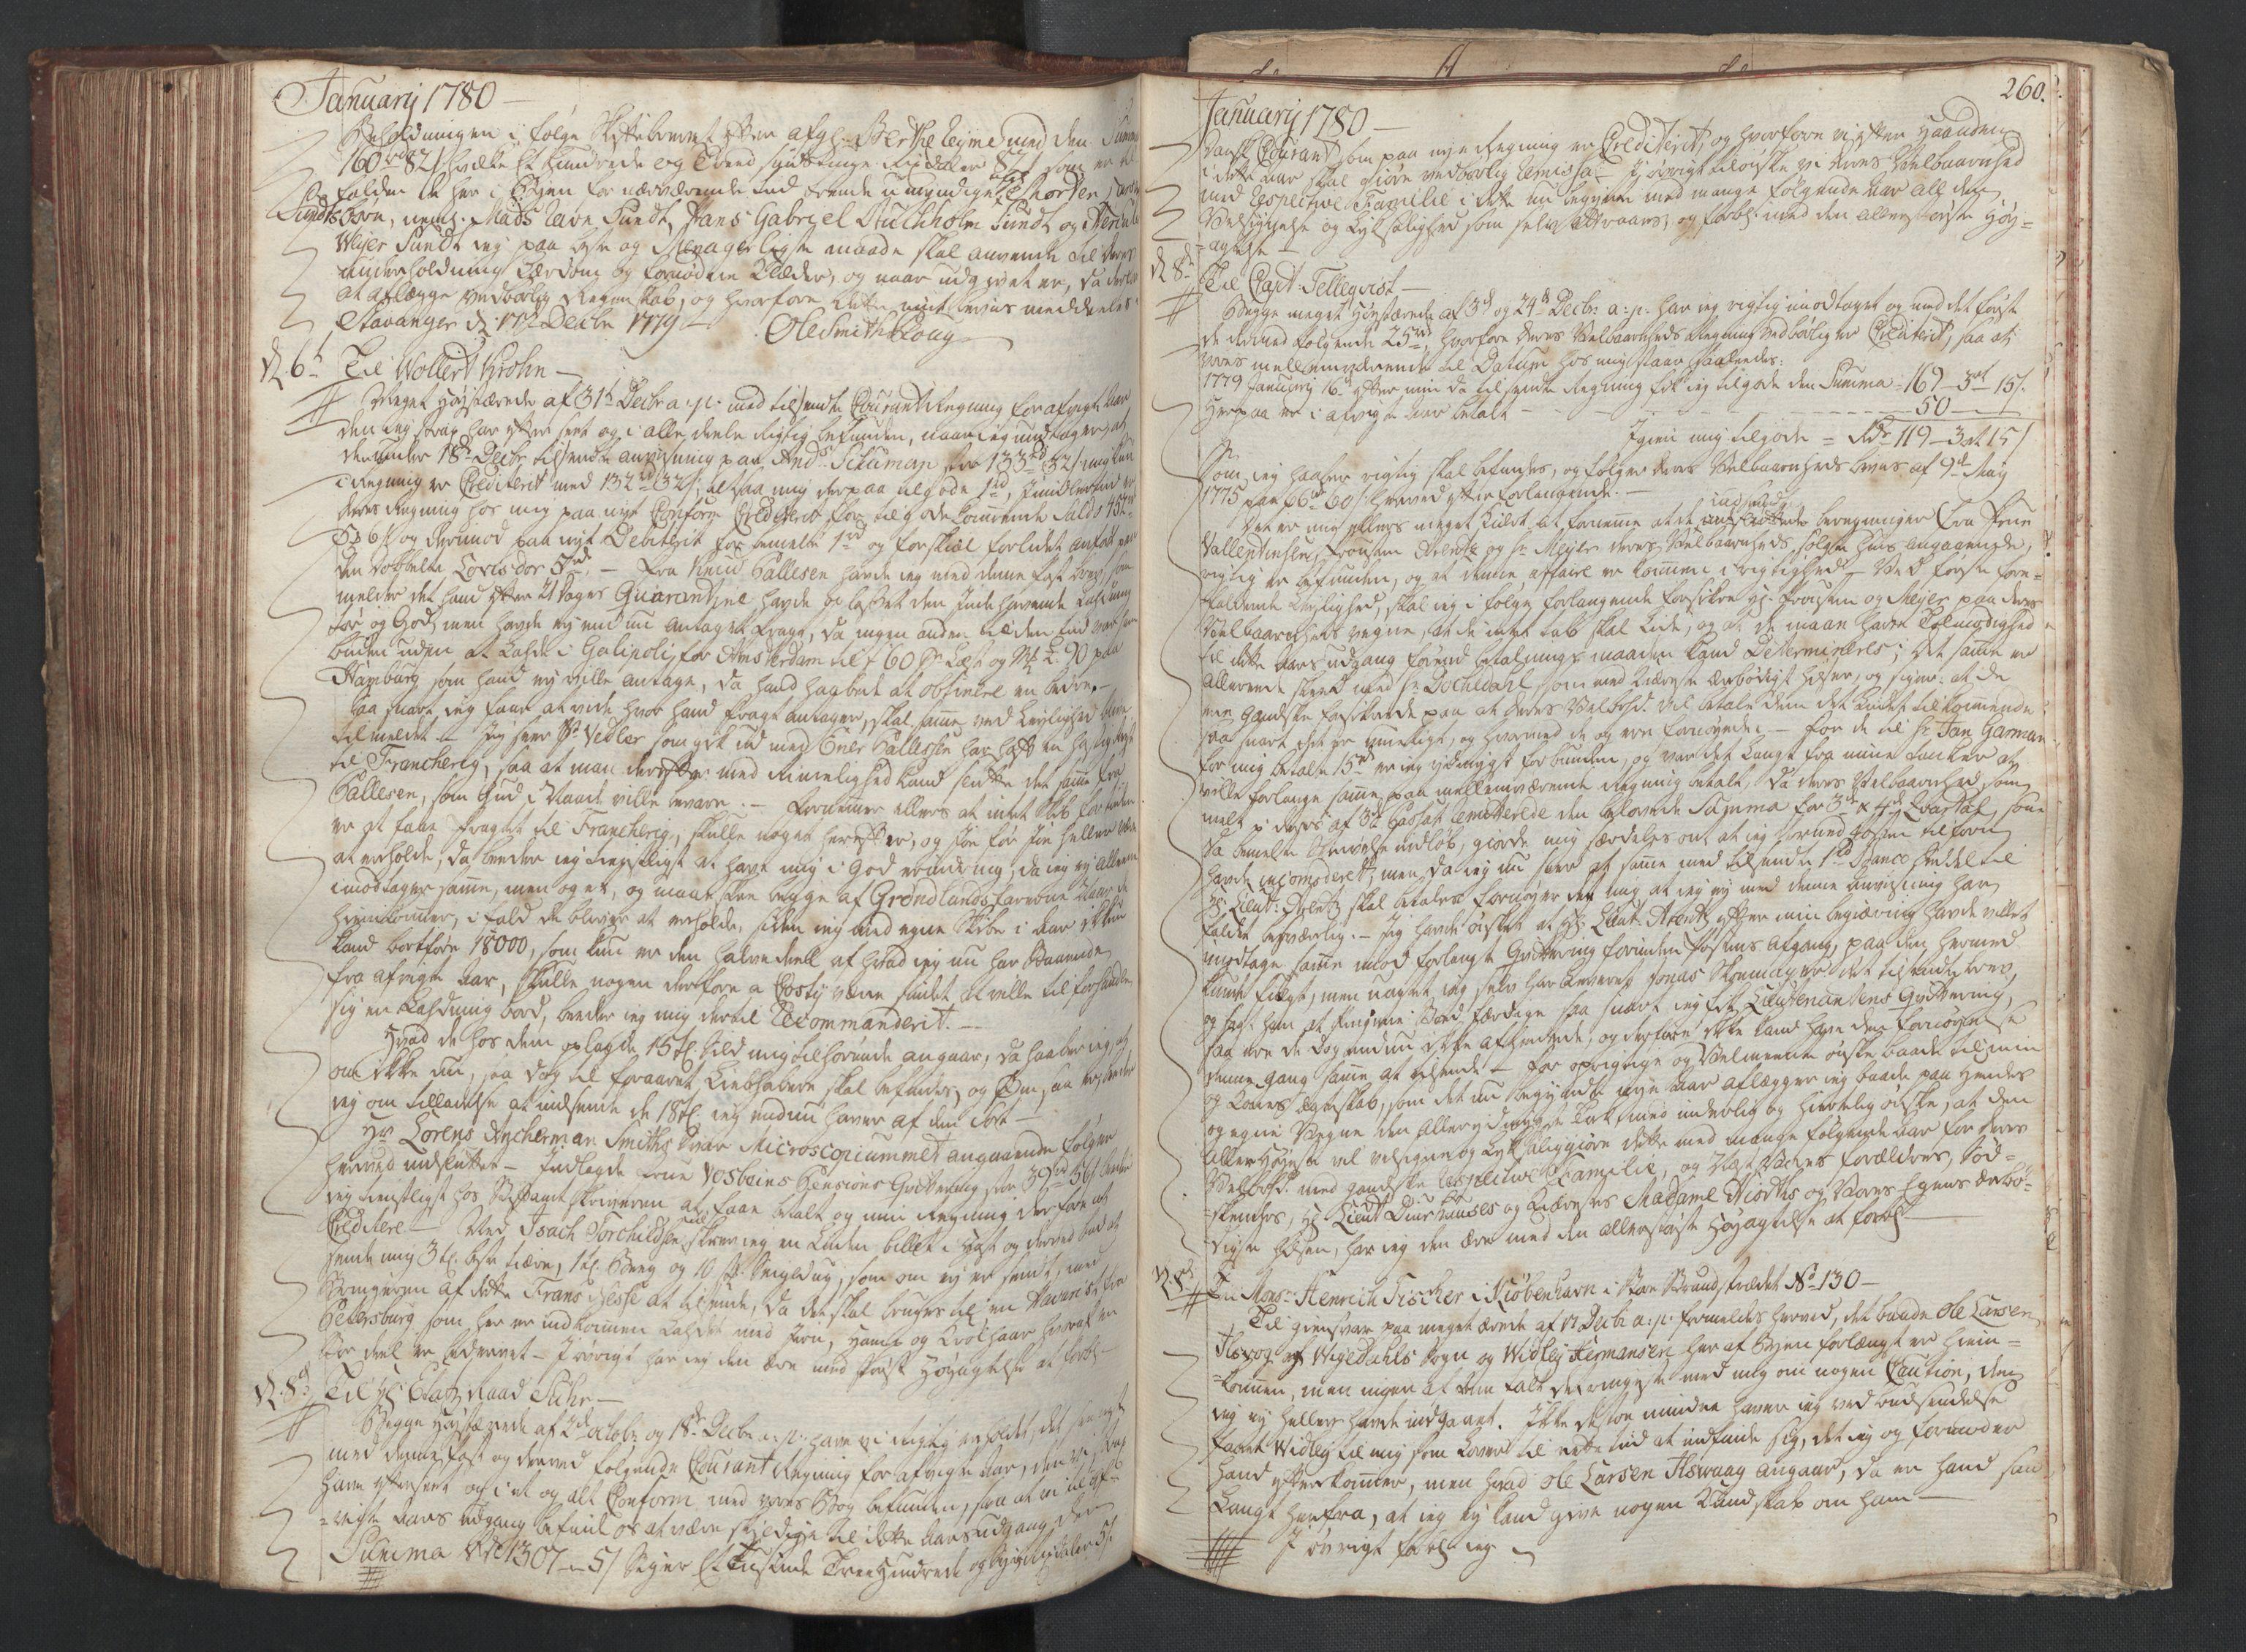 SAST, Pa 0003 - Ploug & Sundt, handelshuset, B/L0003: Kopibok, 1775-1780, s. 259b-260a